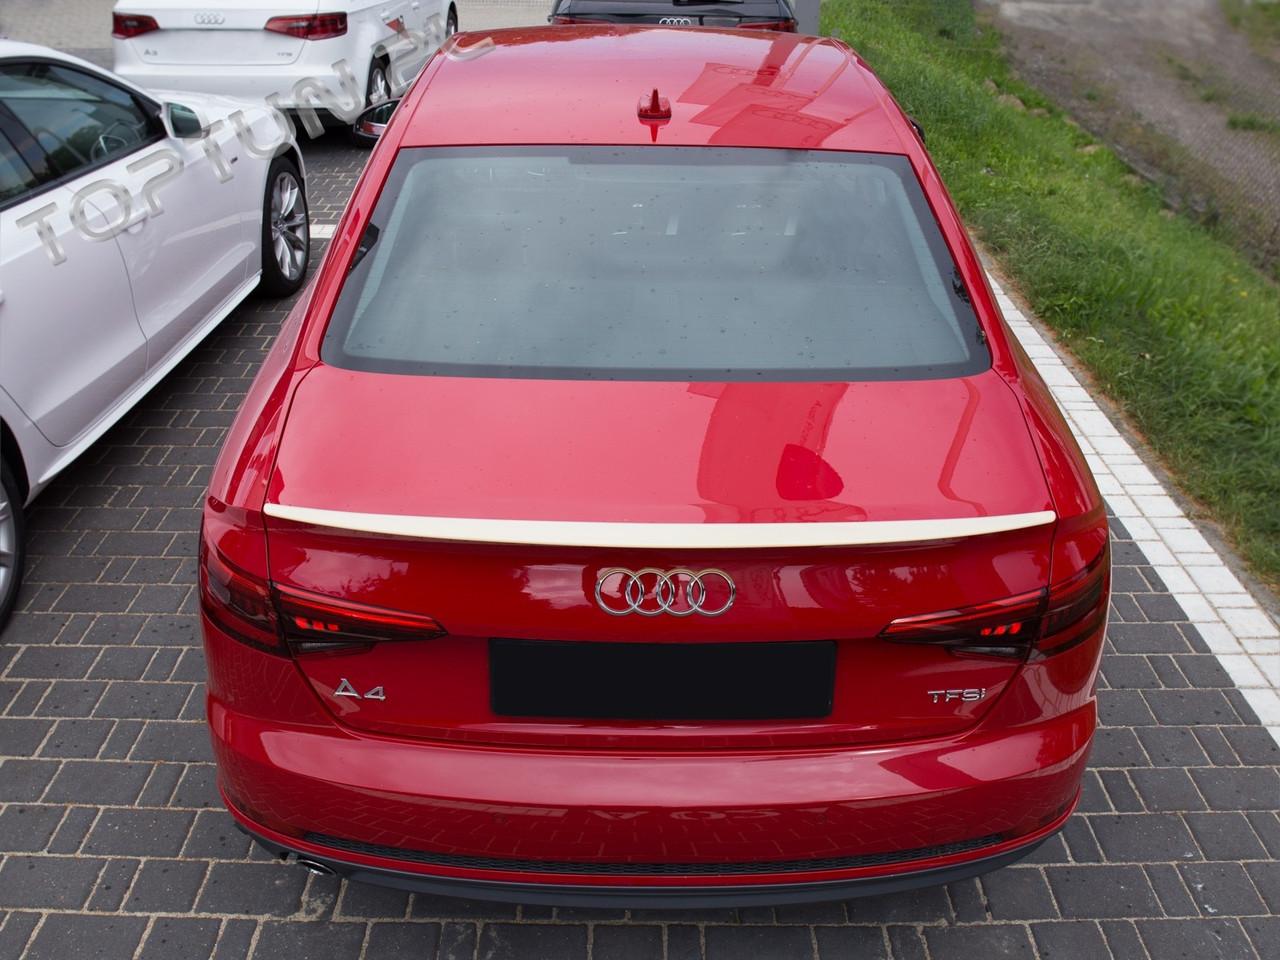 Спойлер (липспойлер) крышки багажника Audi A4 B8 Sedan